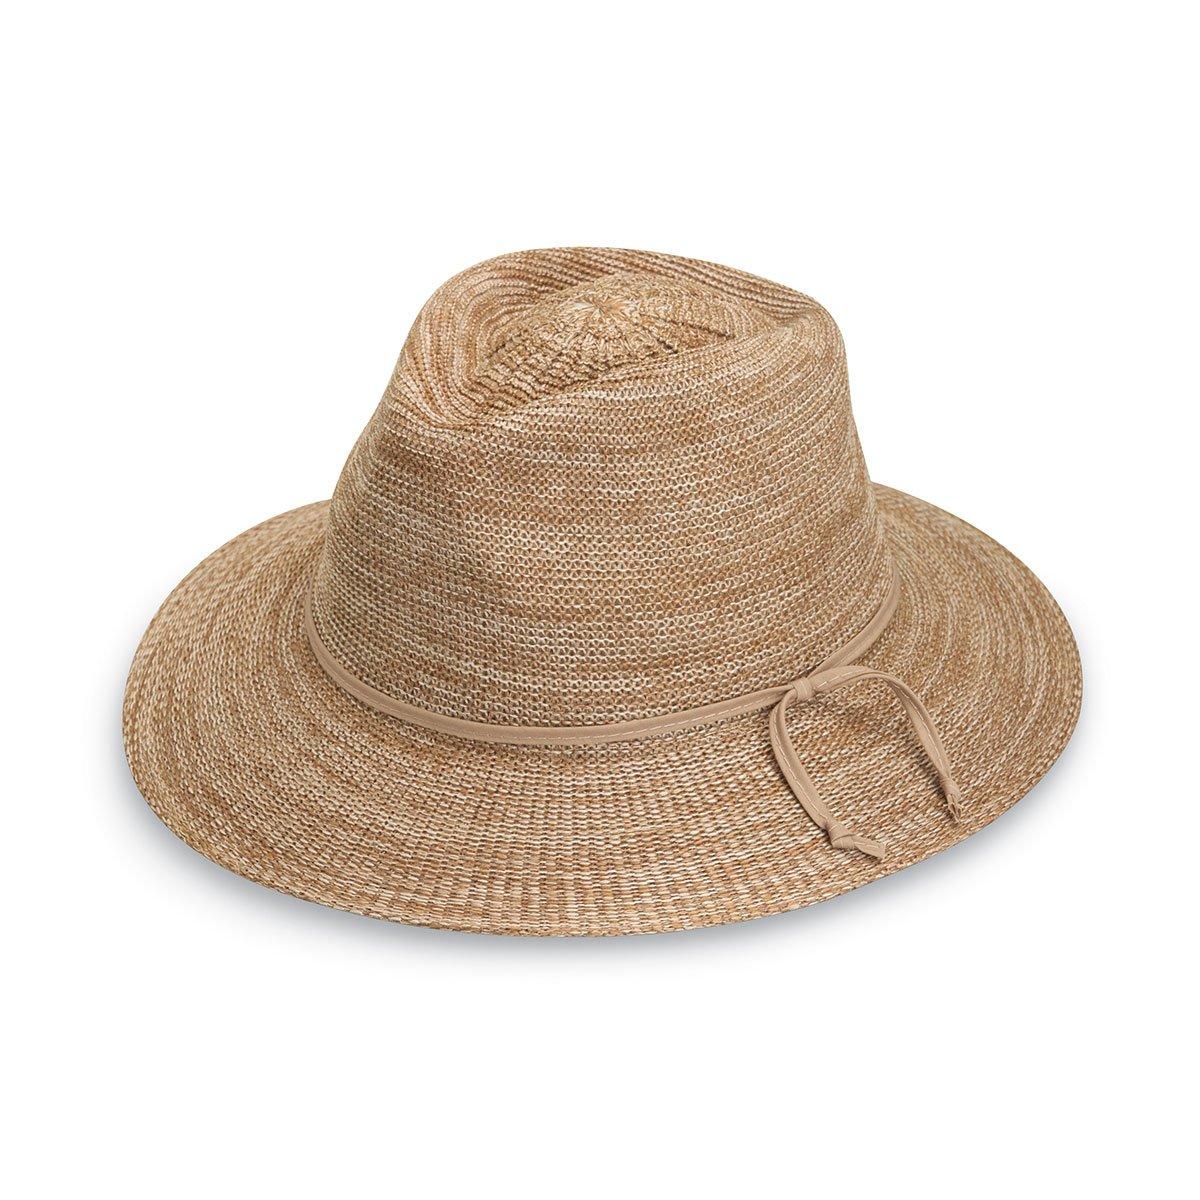 Wallaroo Hat Company Women's Victoria Fedora Sun Hat - 100% Poly-Straw - UPF50+ Mixed Camel